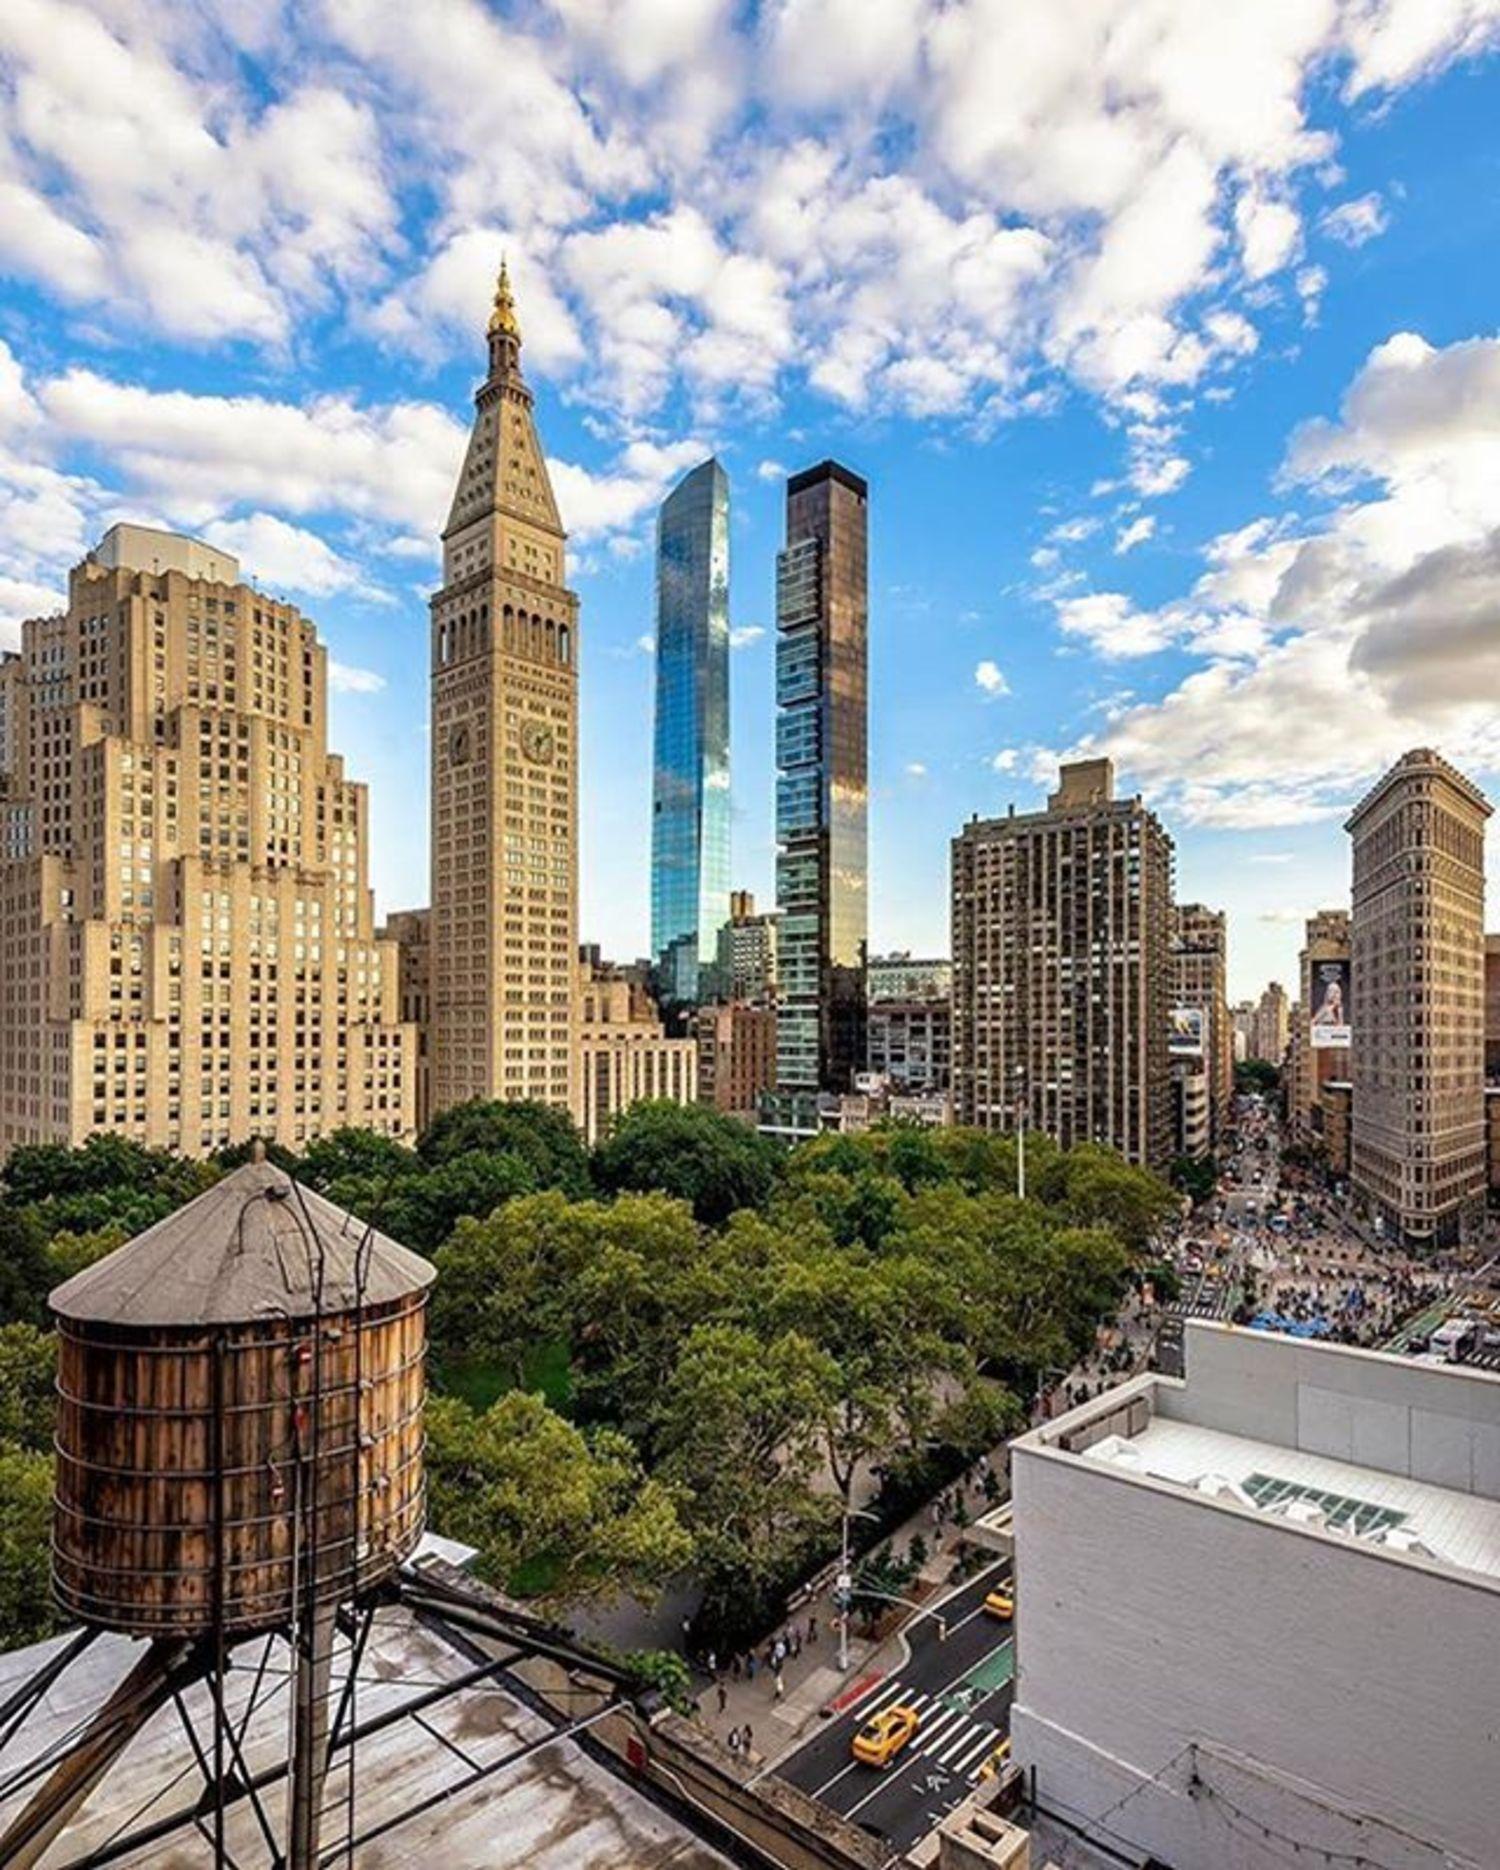 Madison Square Park, New York. Photo via @papakila #viewingnyc #newyorkcity #newyork